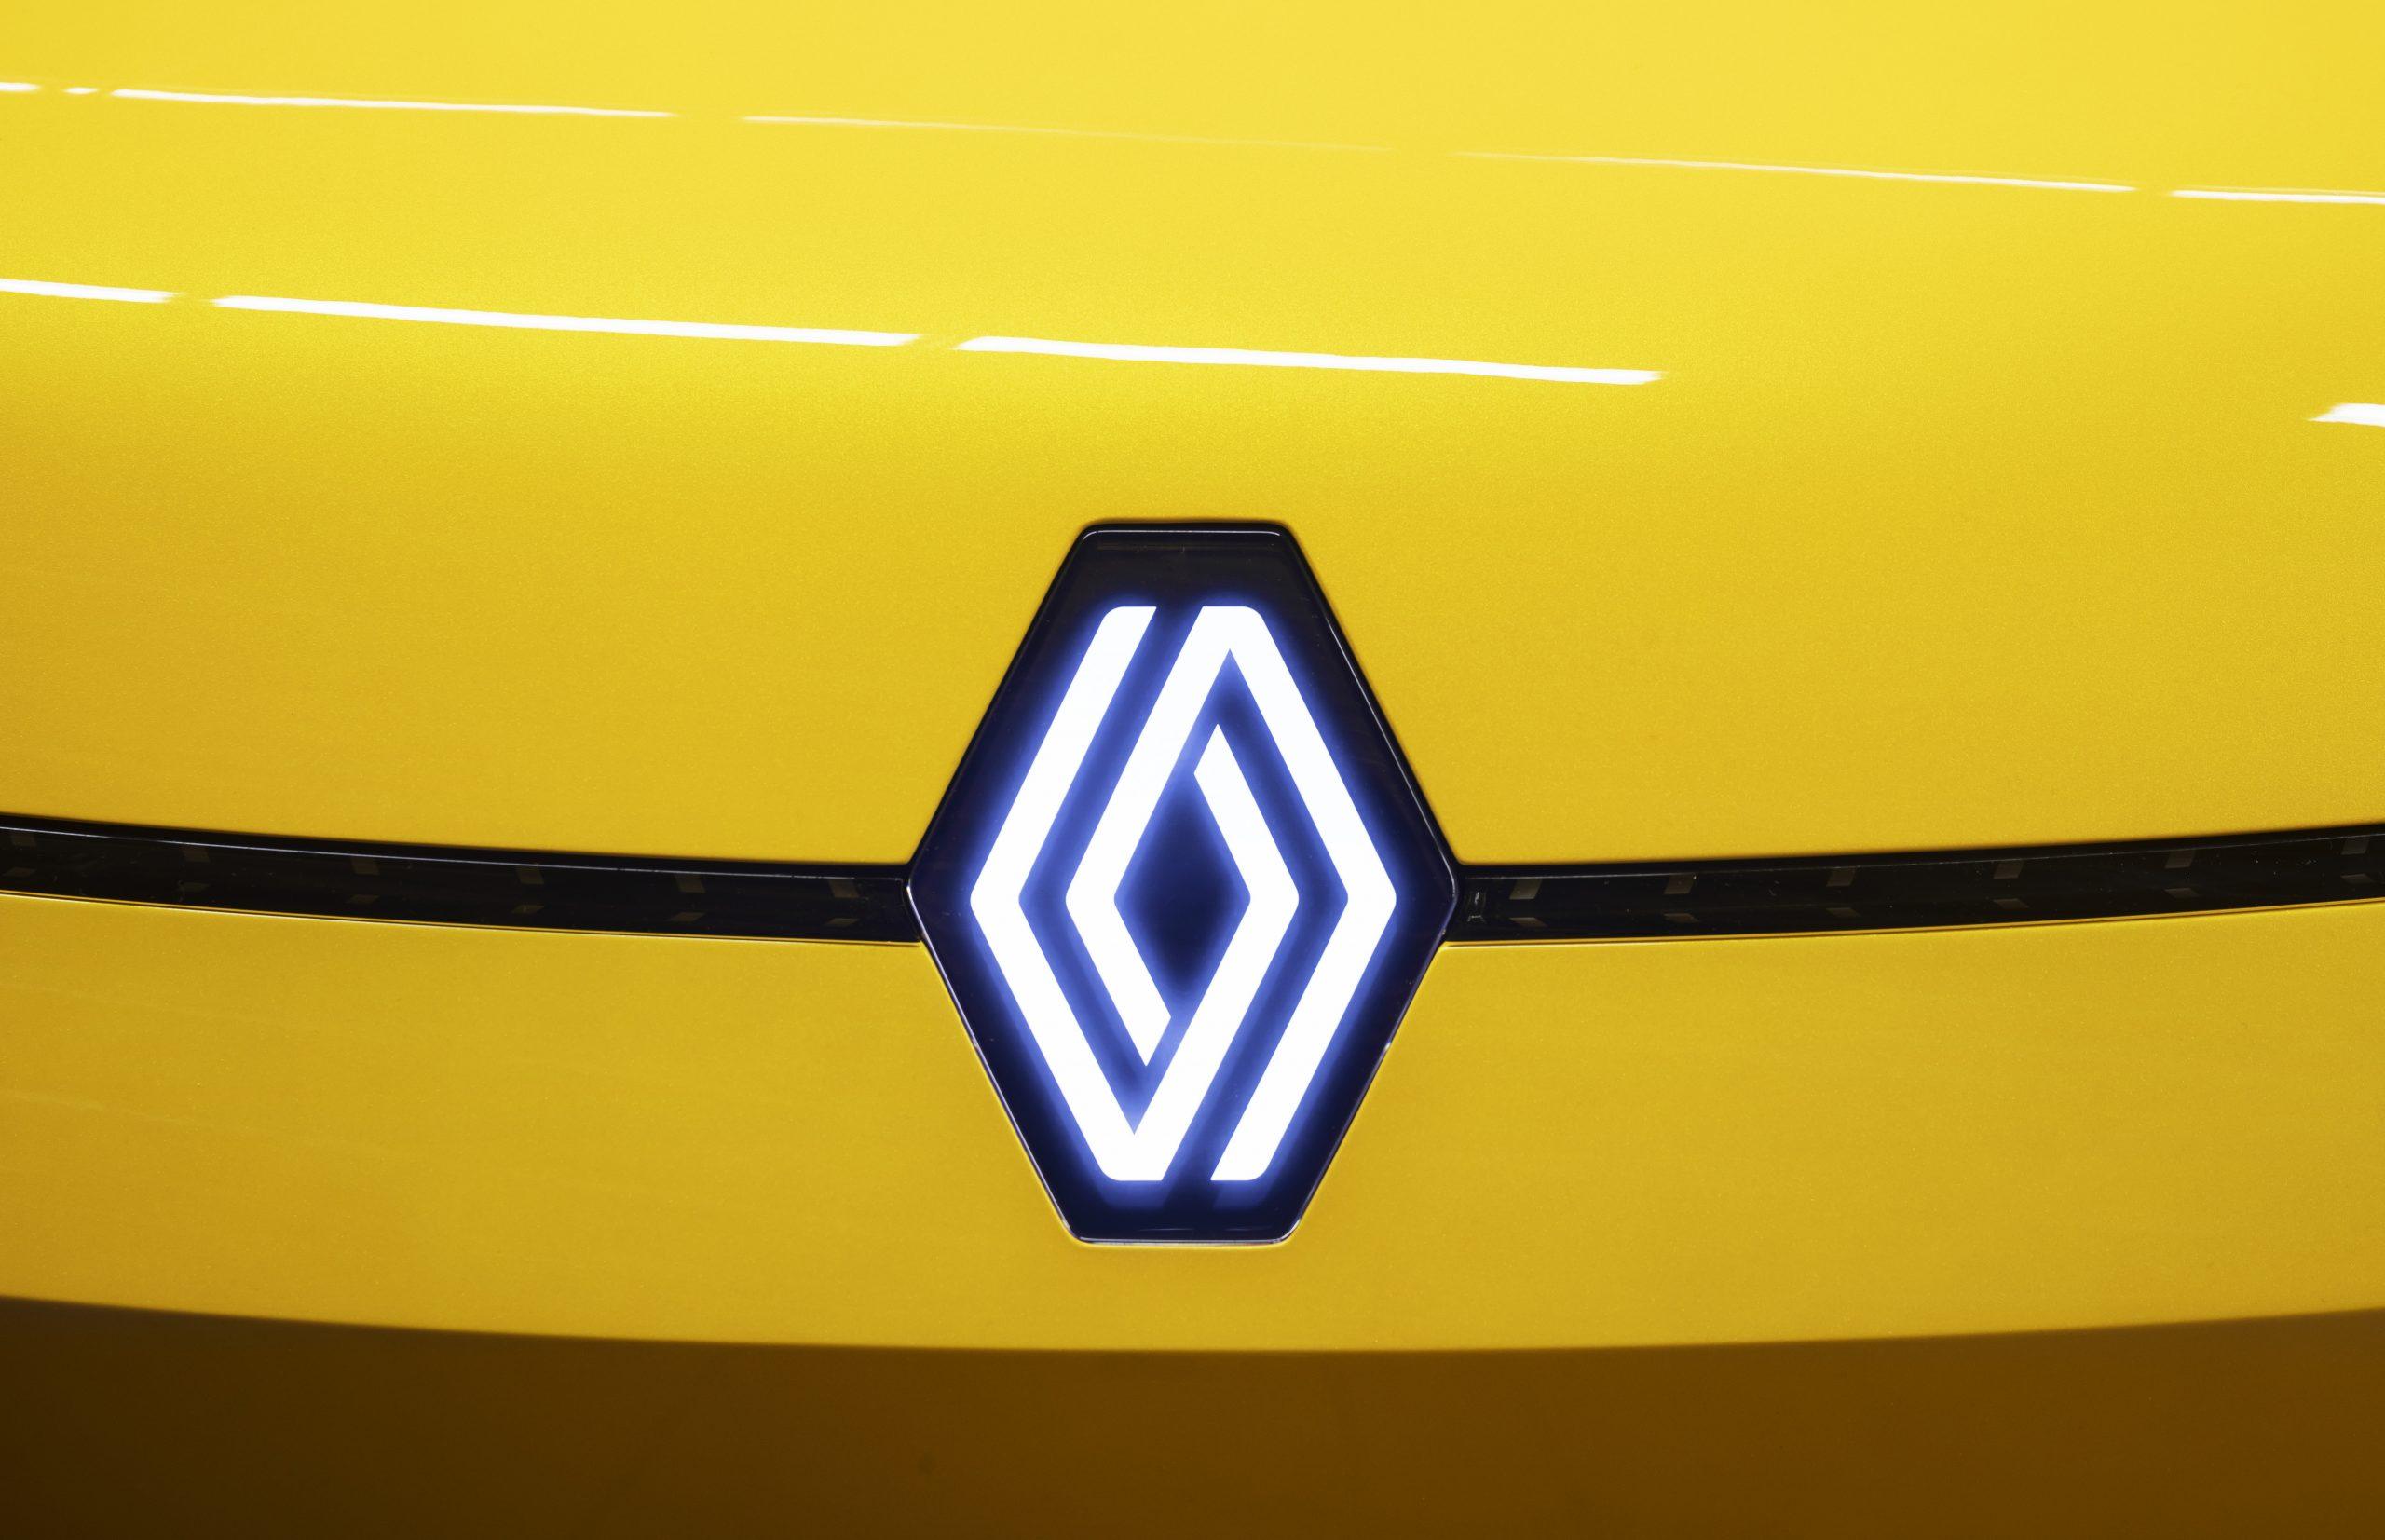 nieuwe logo van renault (2021)